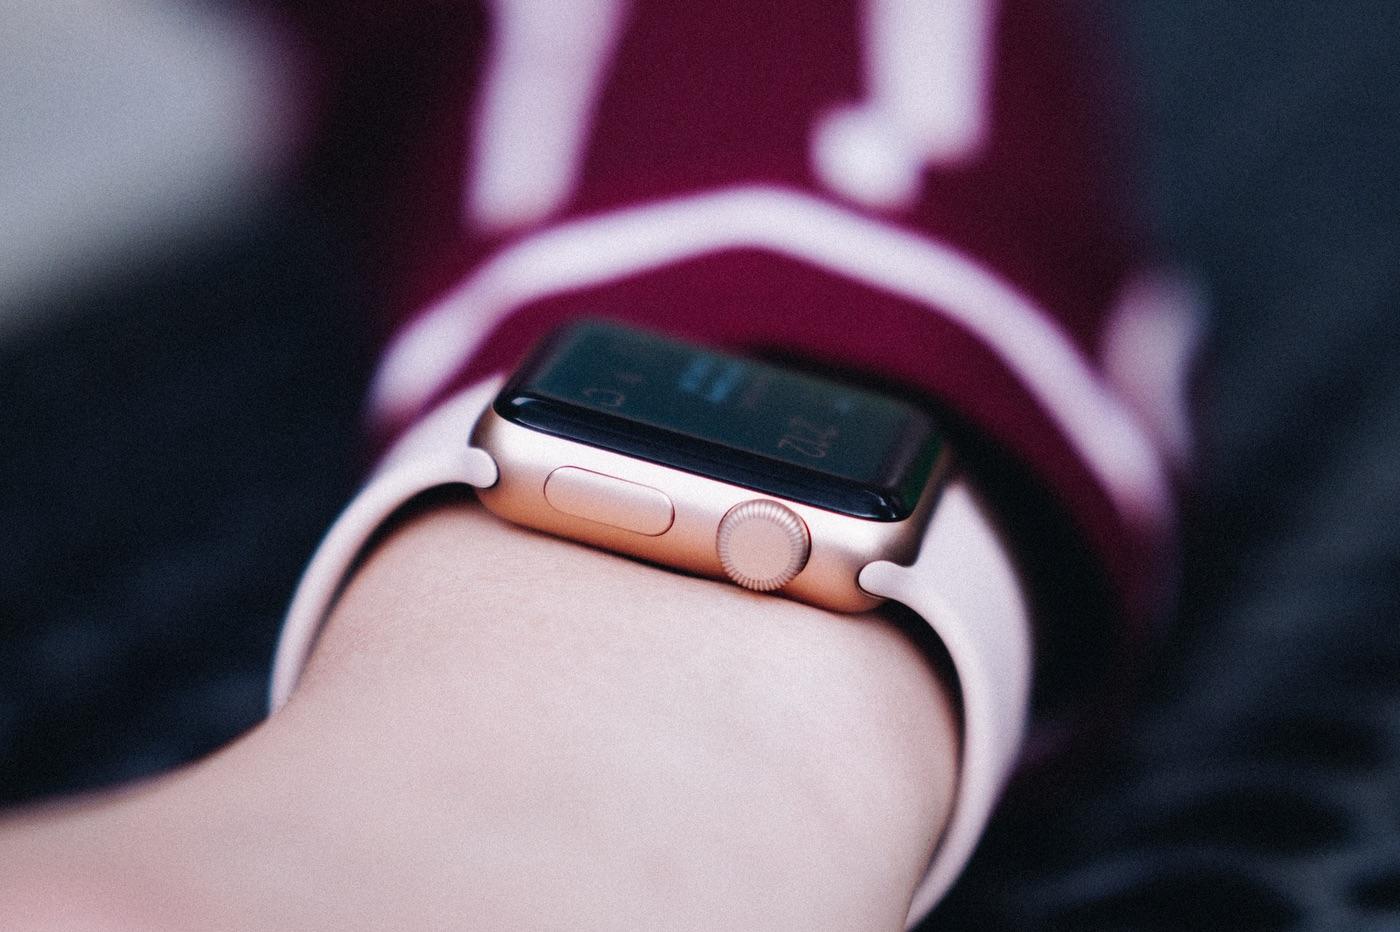 Apple Watch : la détection de chutes vient en aide à une femme de 87 ans 1